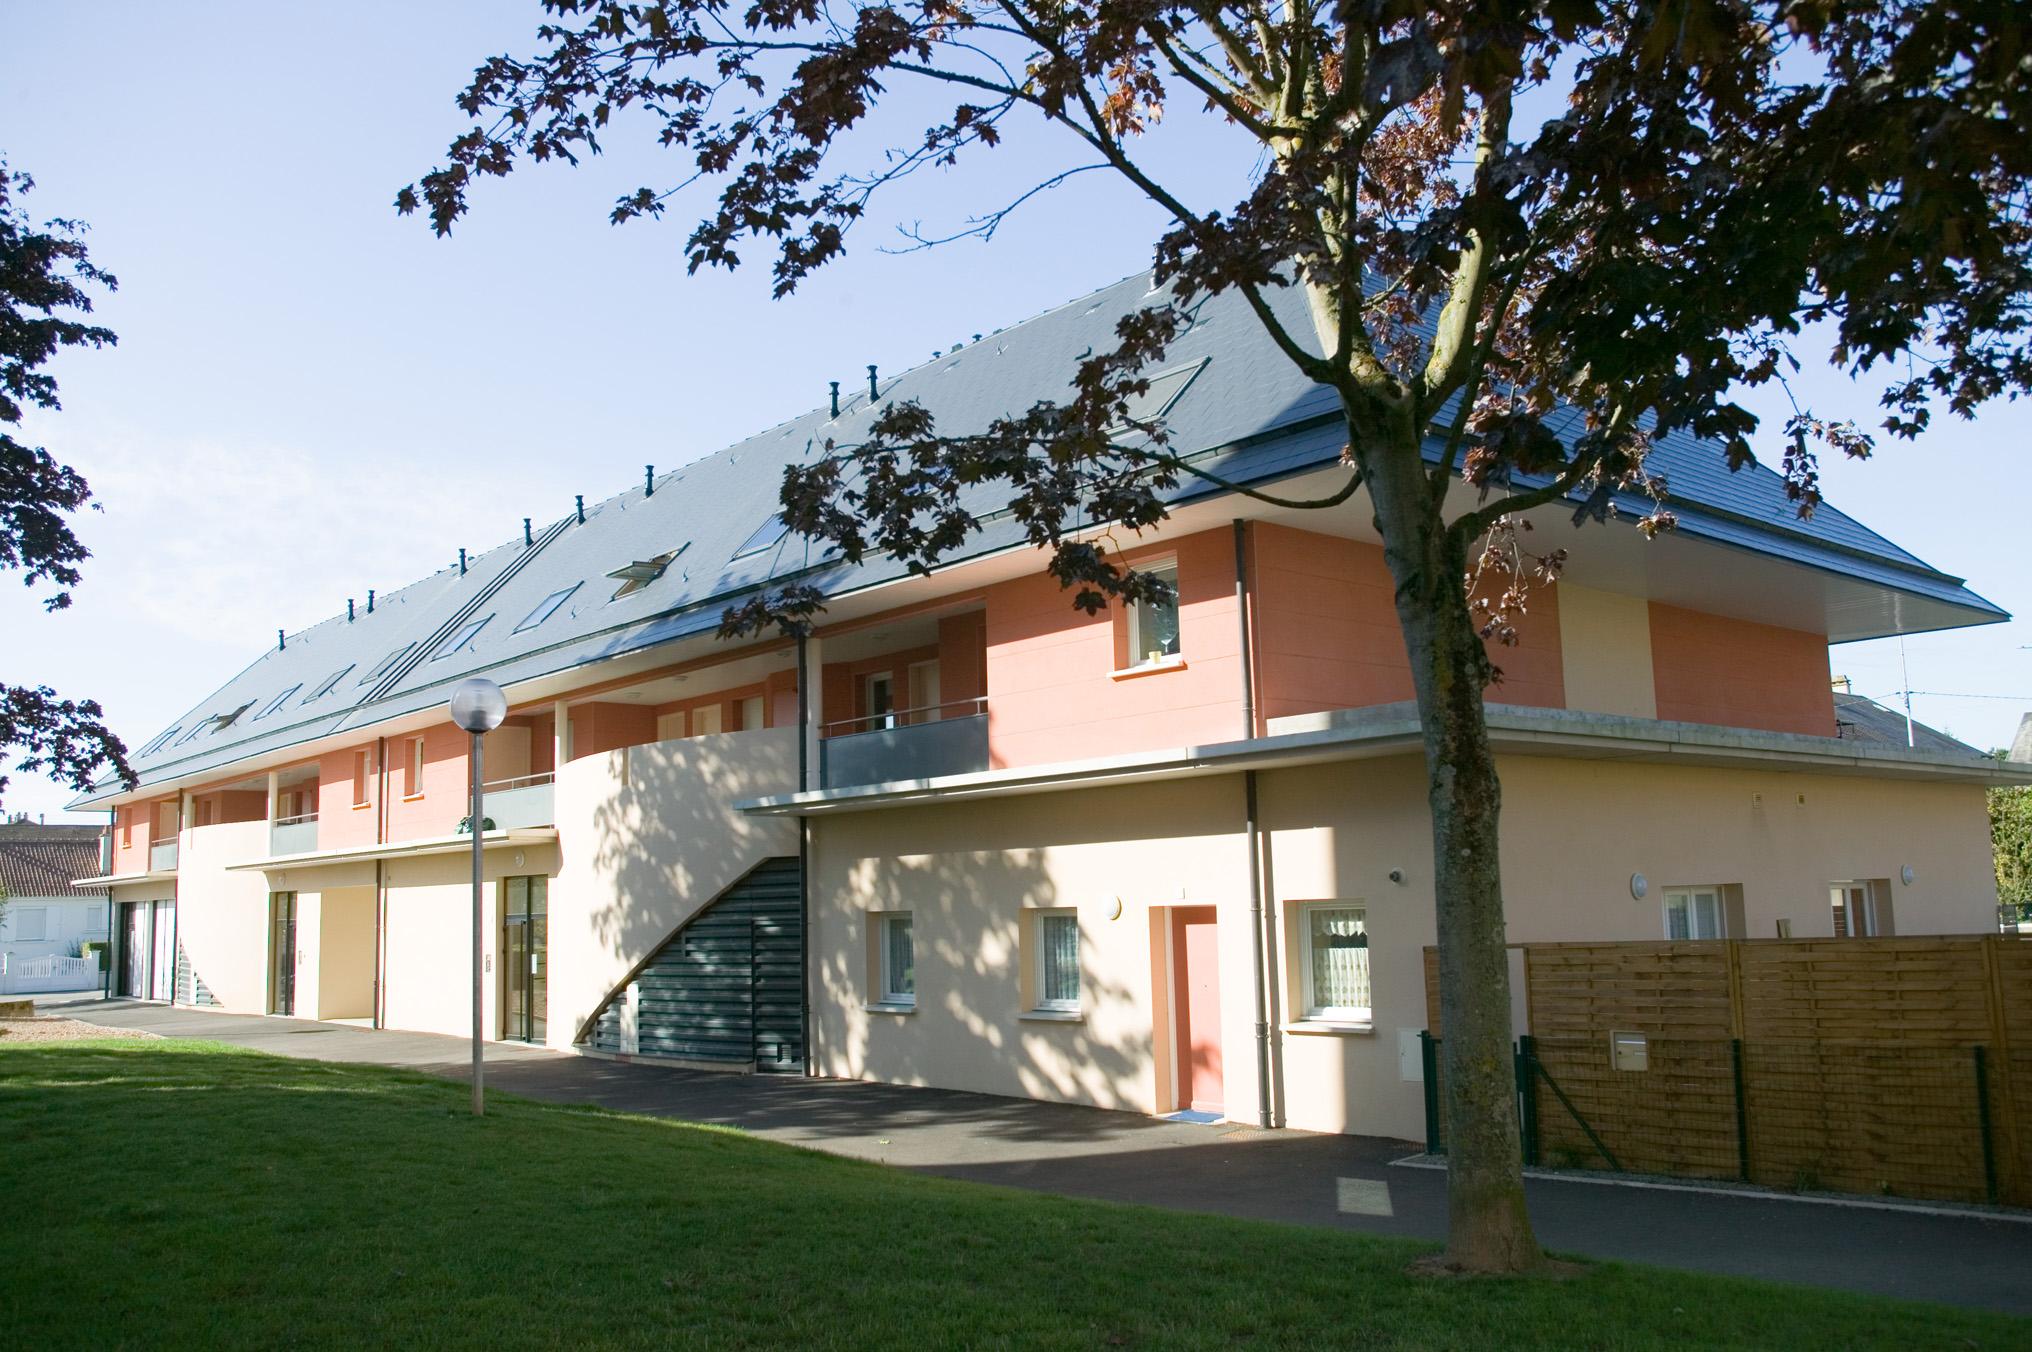 Logement argentan locataion appartement t2 for Entretien exterieur locataire